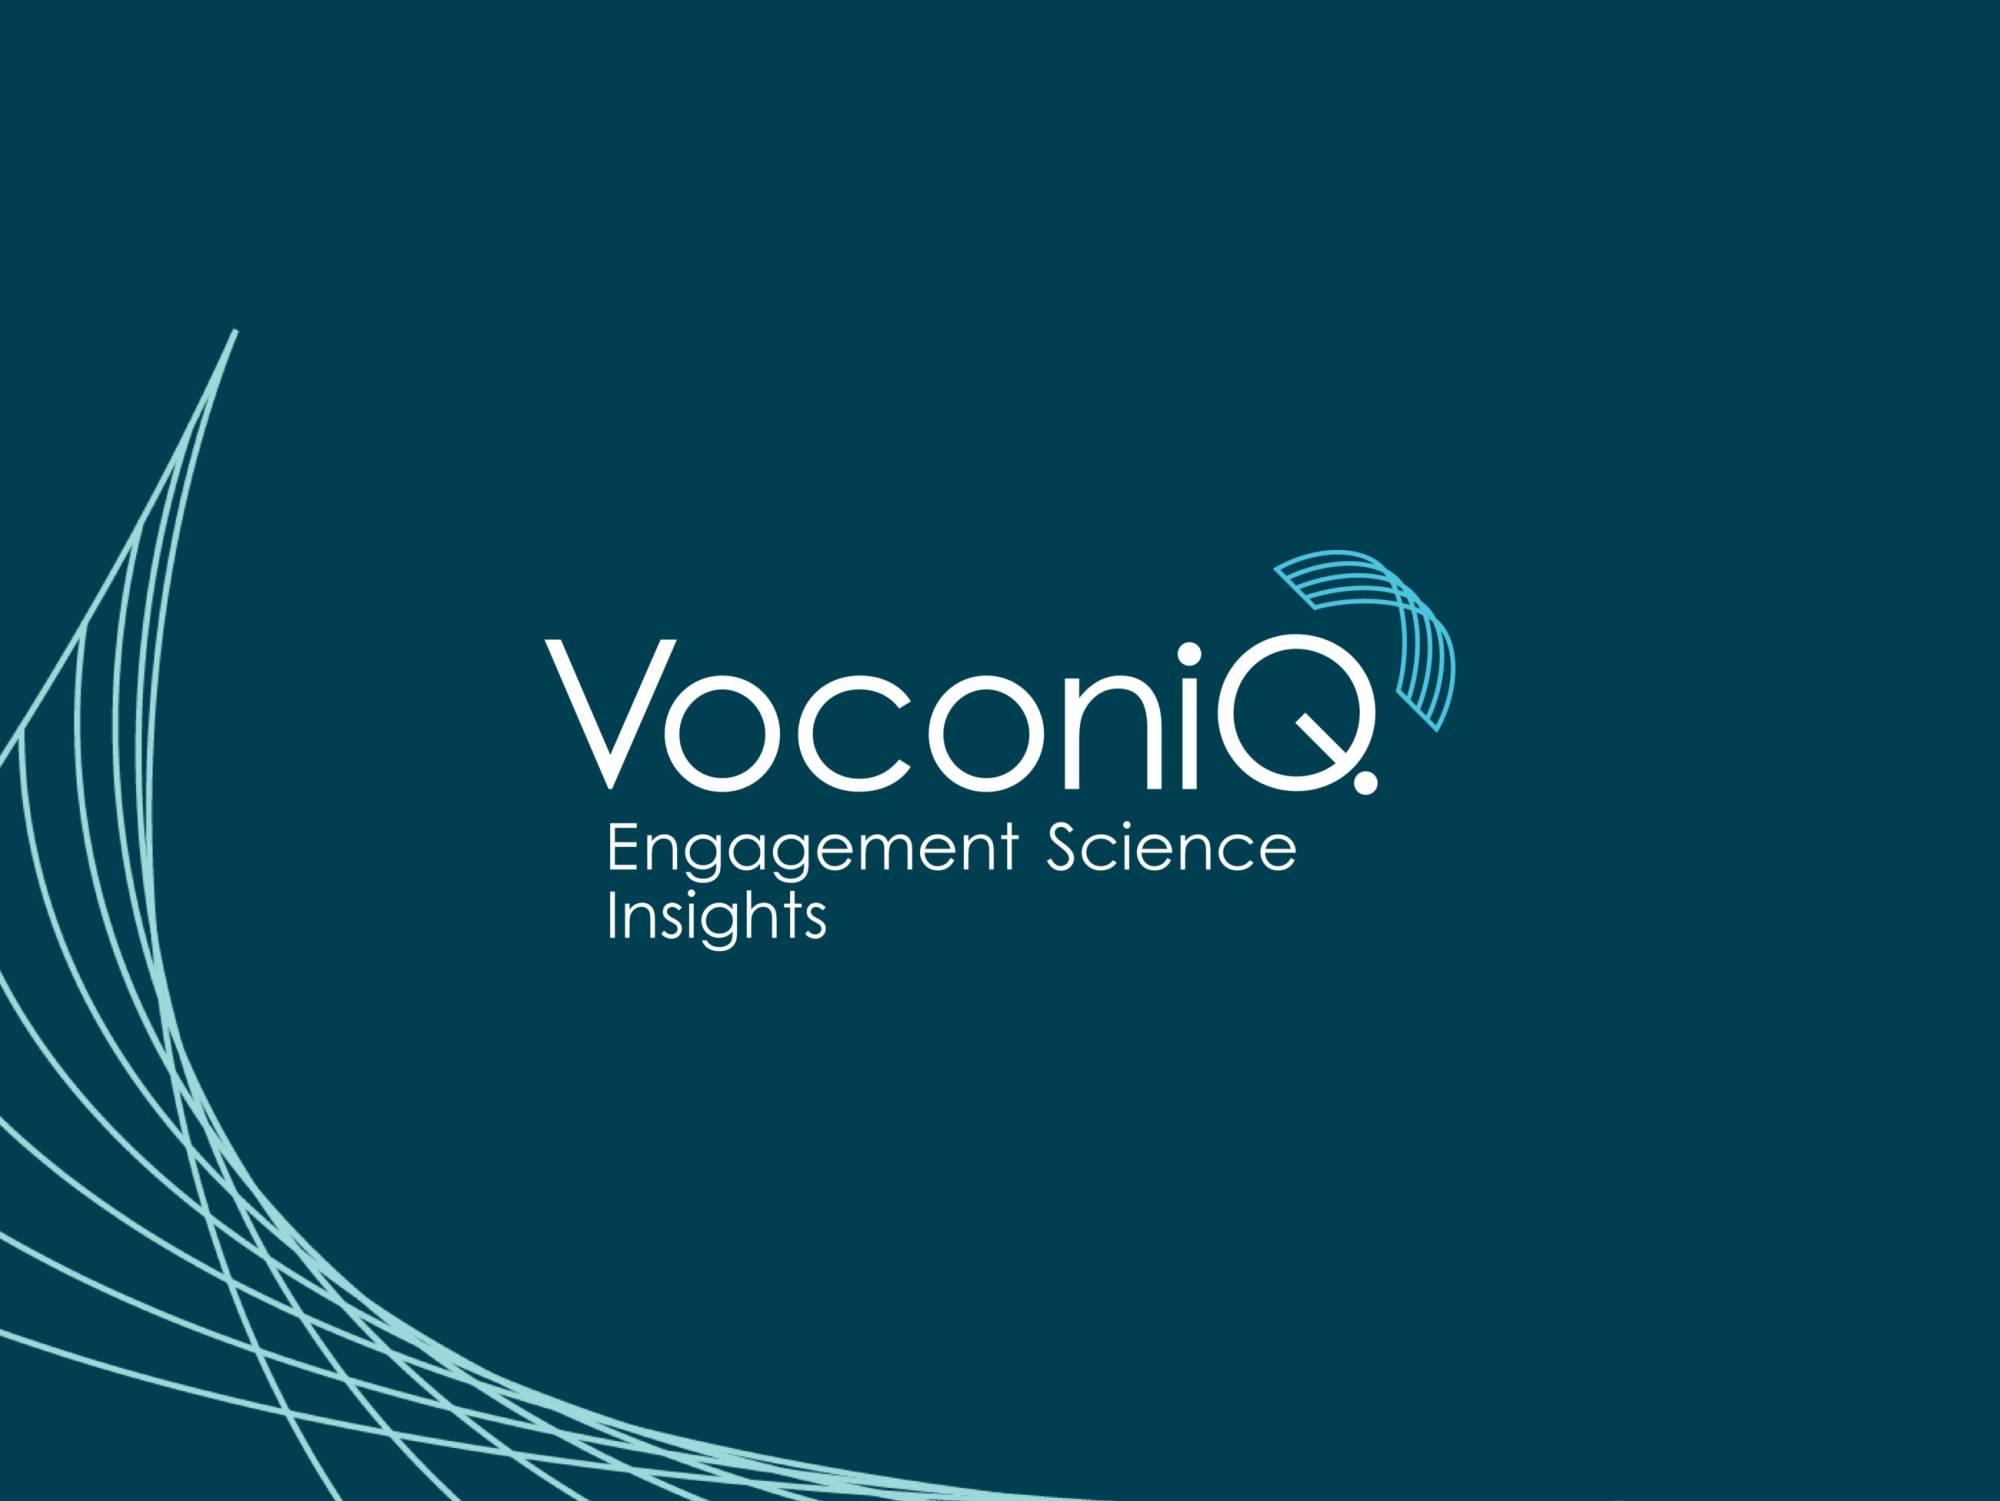 Voconiq - Logo